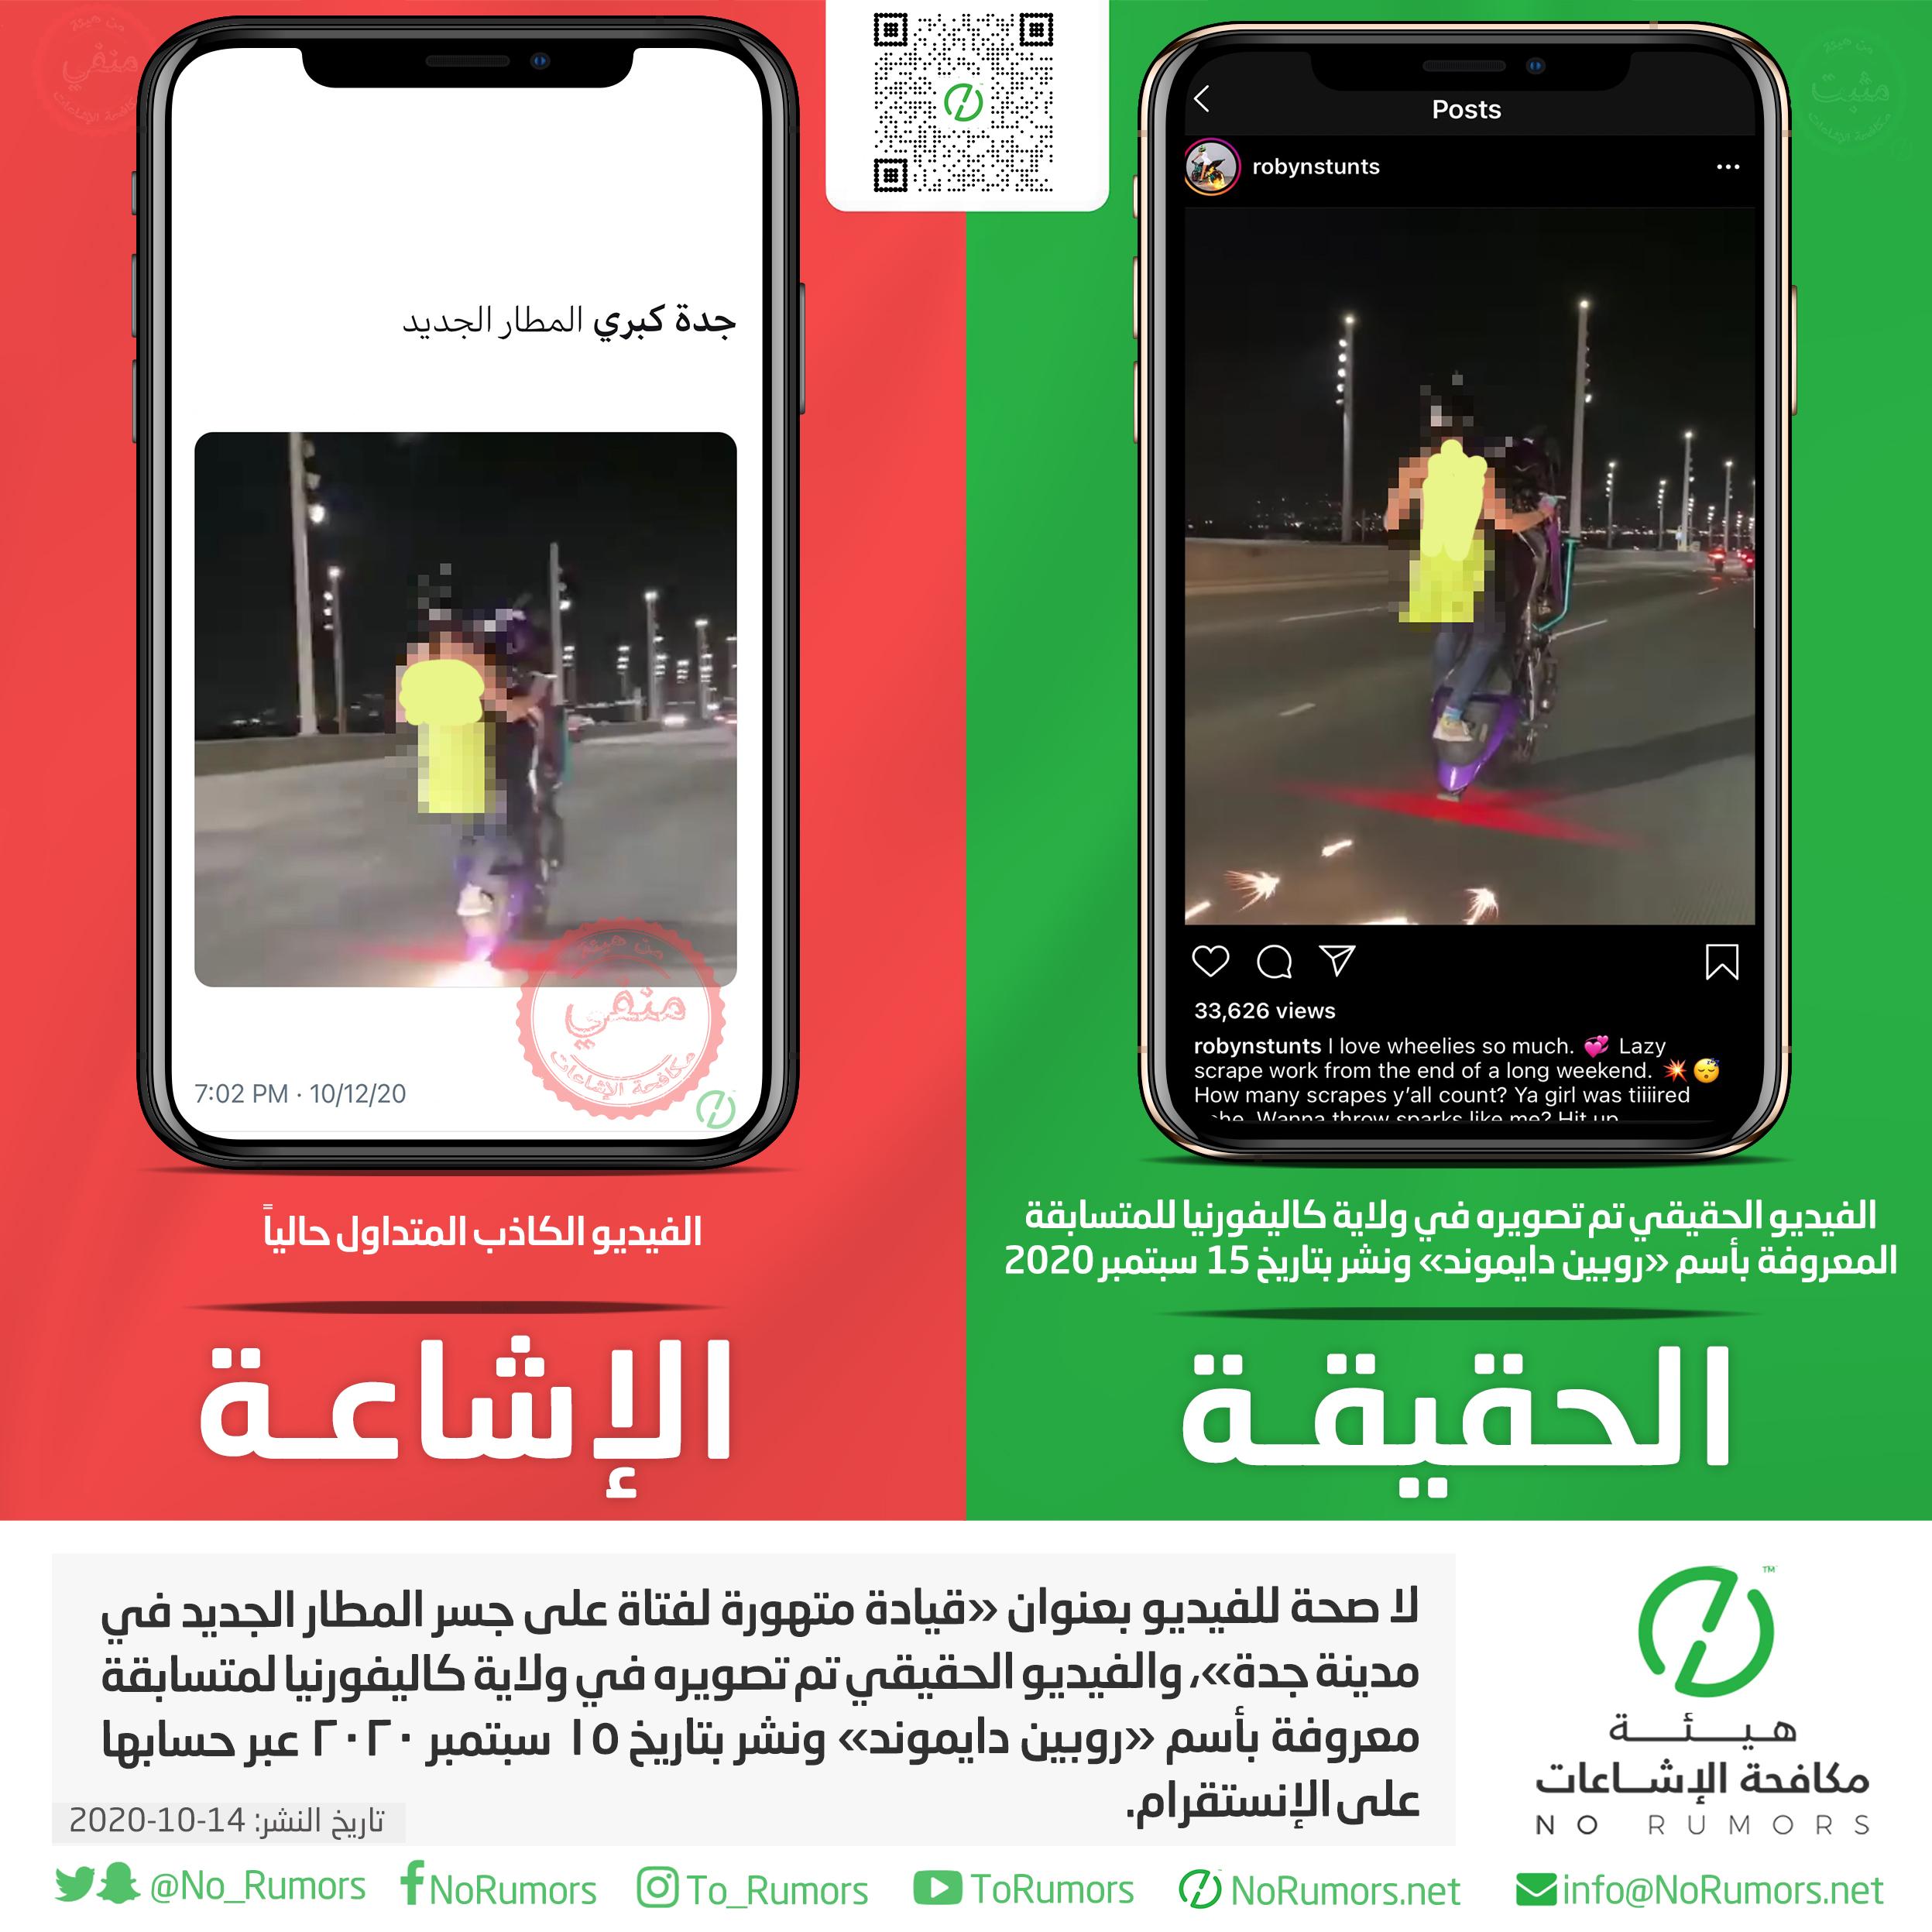 حقيقة الفيديو بعنوان «قيادة متهورة لفتاة على جسر المطار الجديد في مدينة جدة»